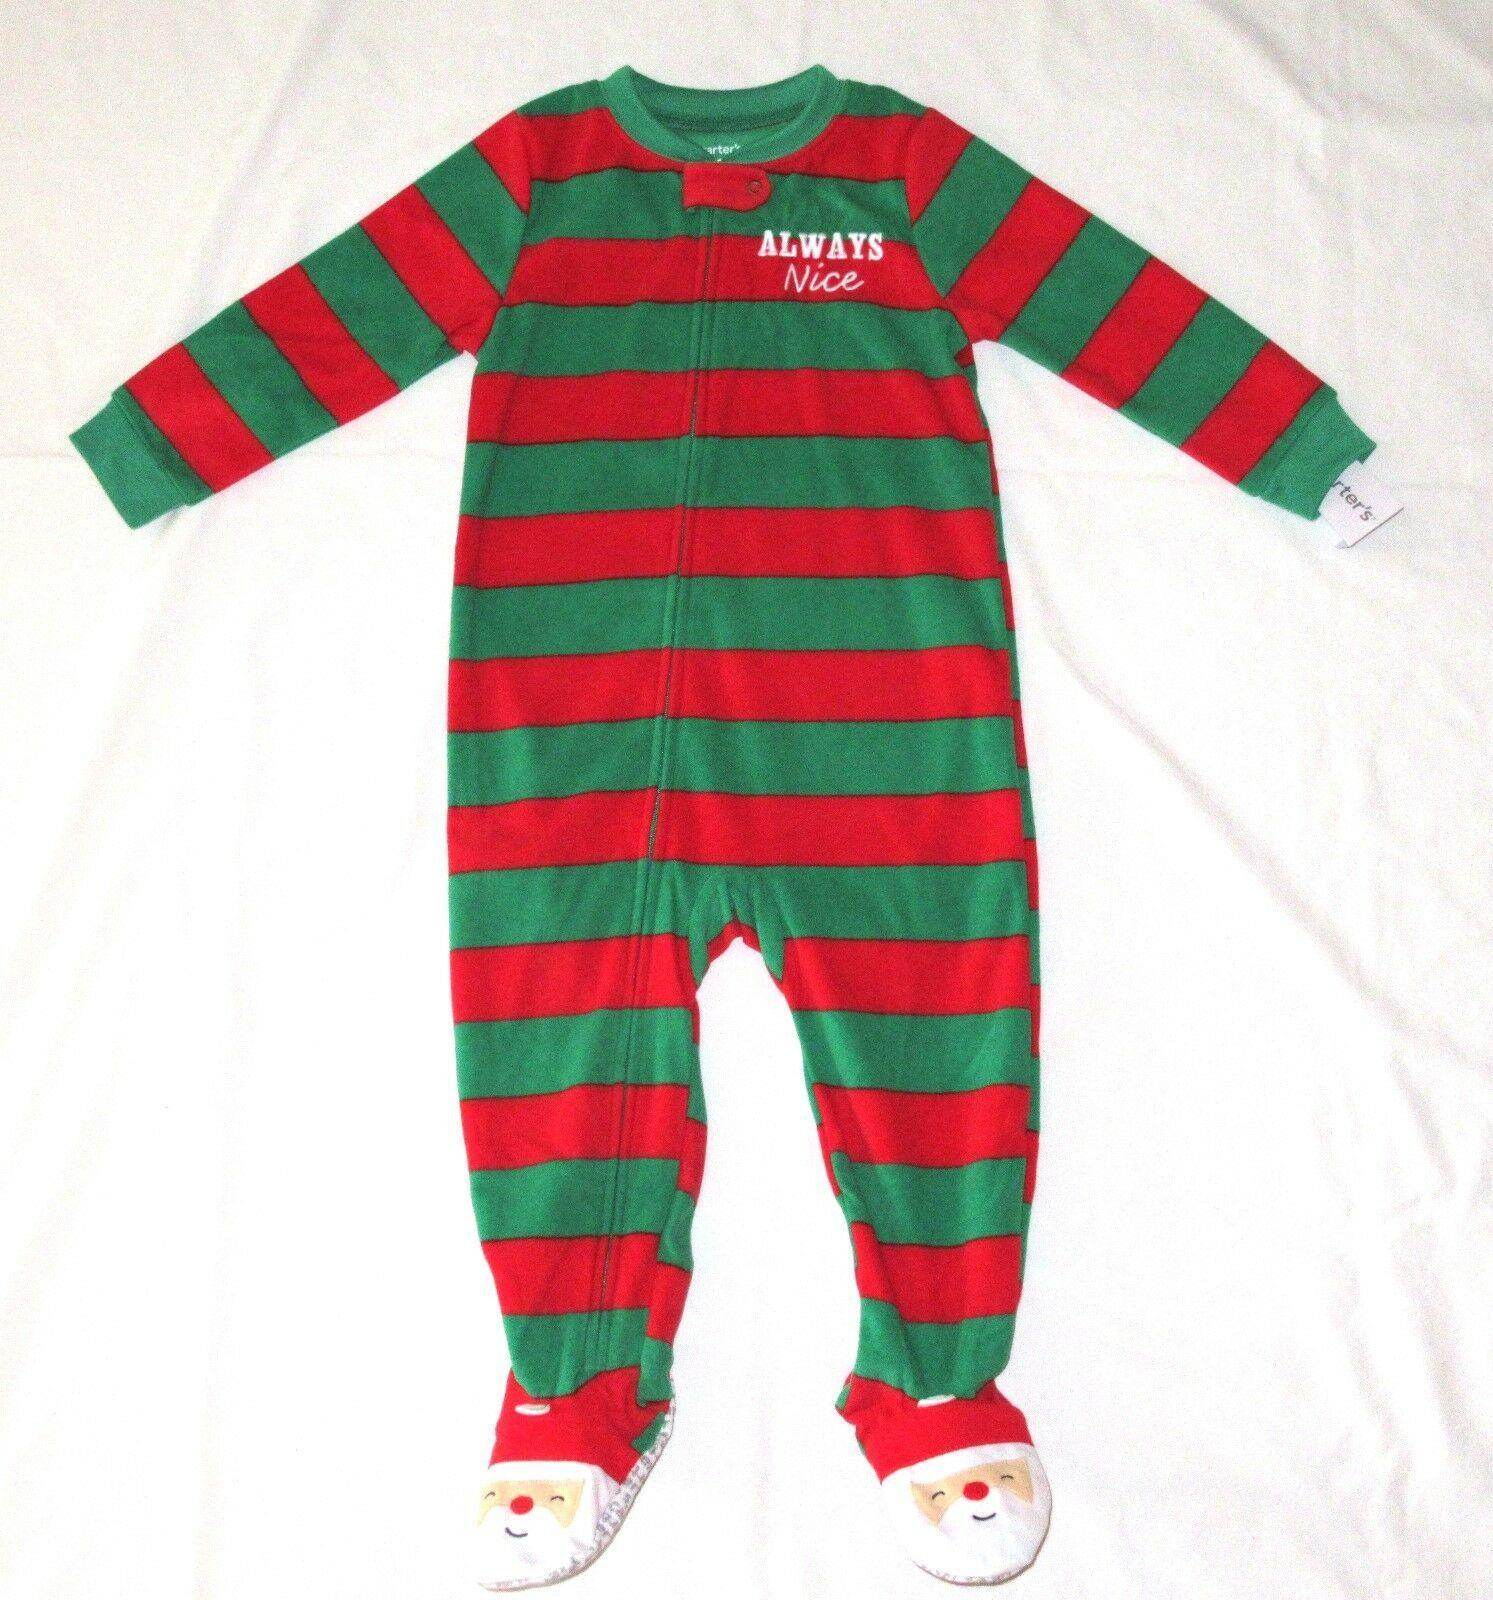 71868d8b4 Boy Girl 4T Carters Fleece Footed pajama Blanket Sleeper Santa Feet Always  Nice - $7.99